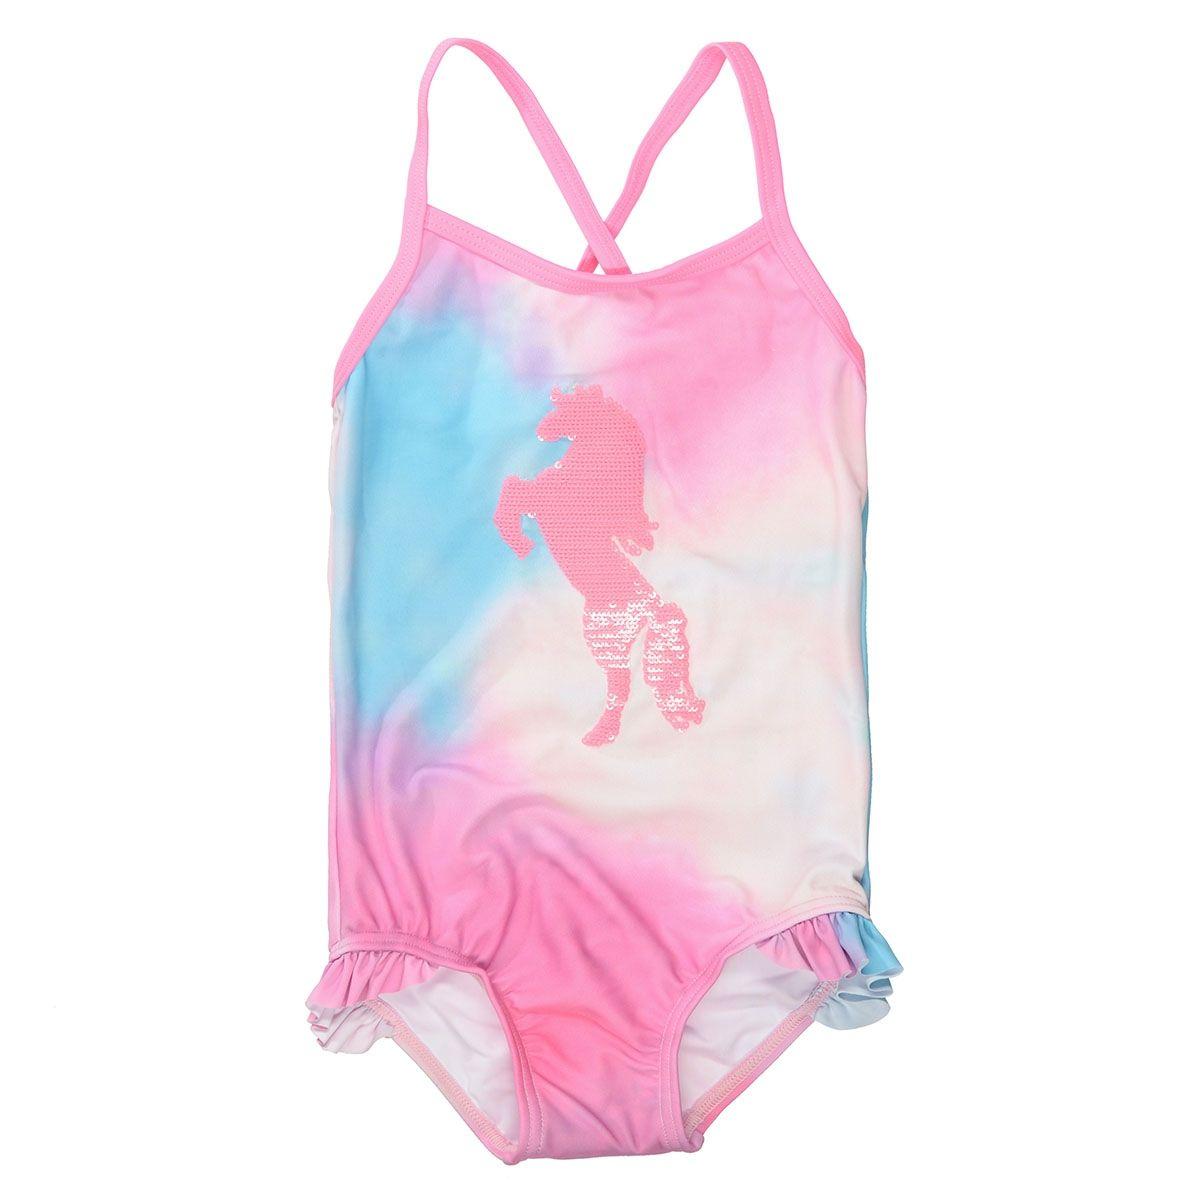 Badeanzug mit Pailletten-Pferd - Pink Batik